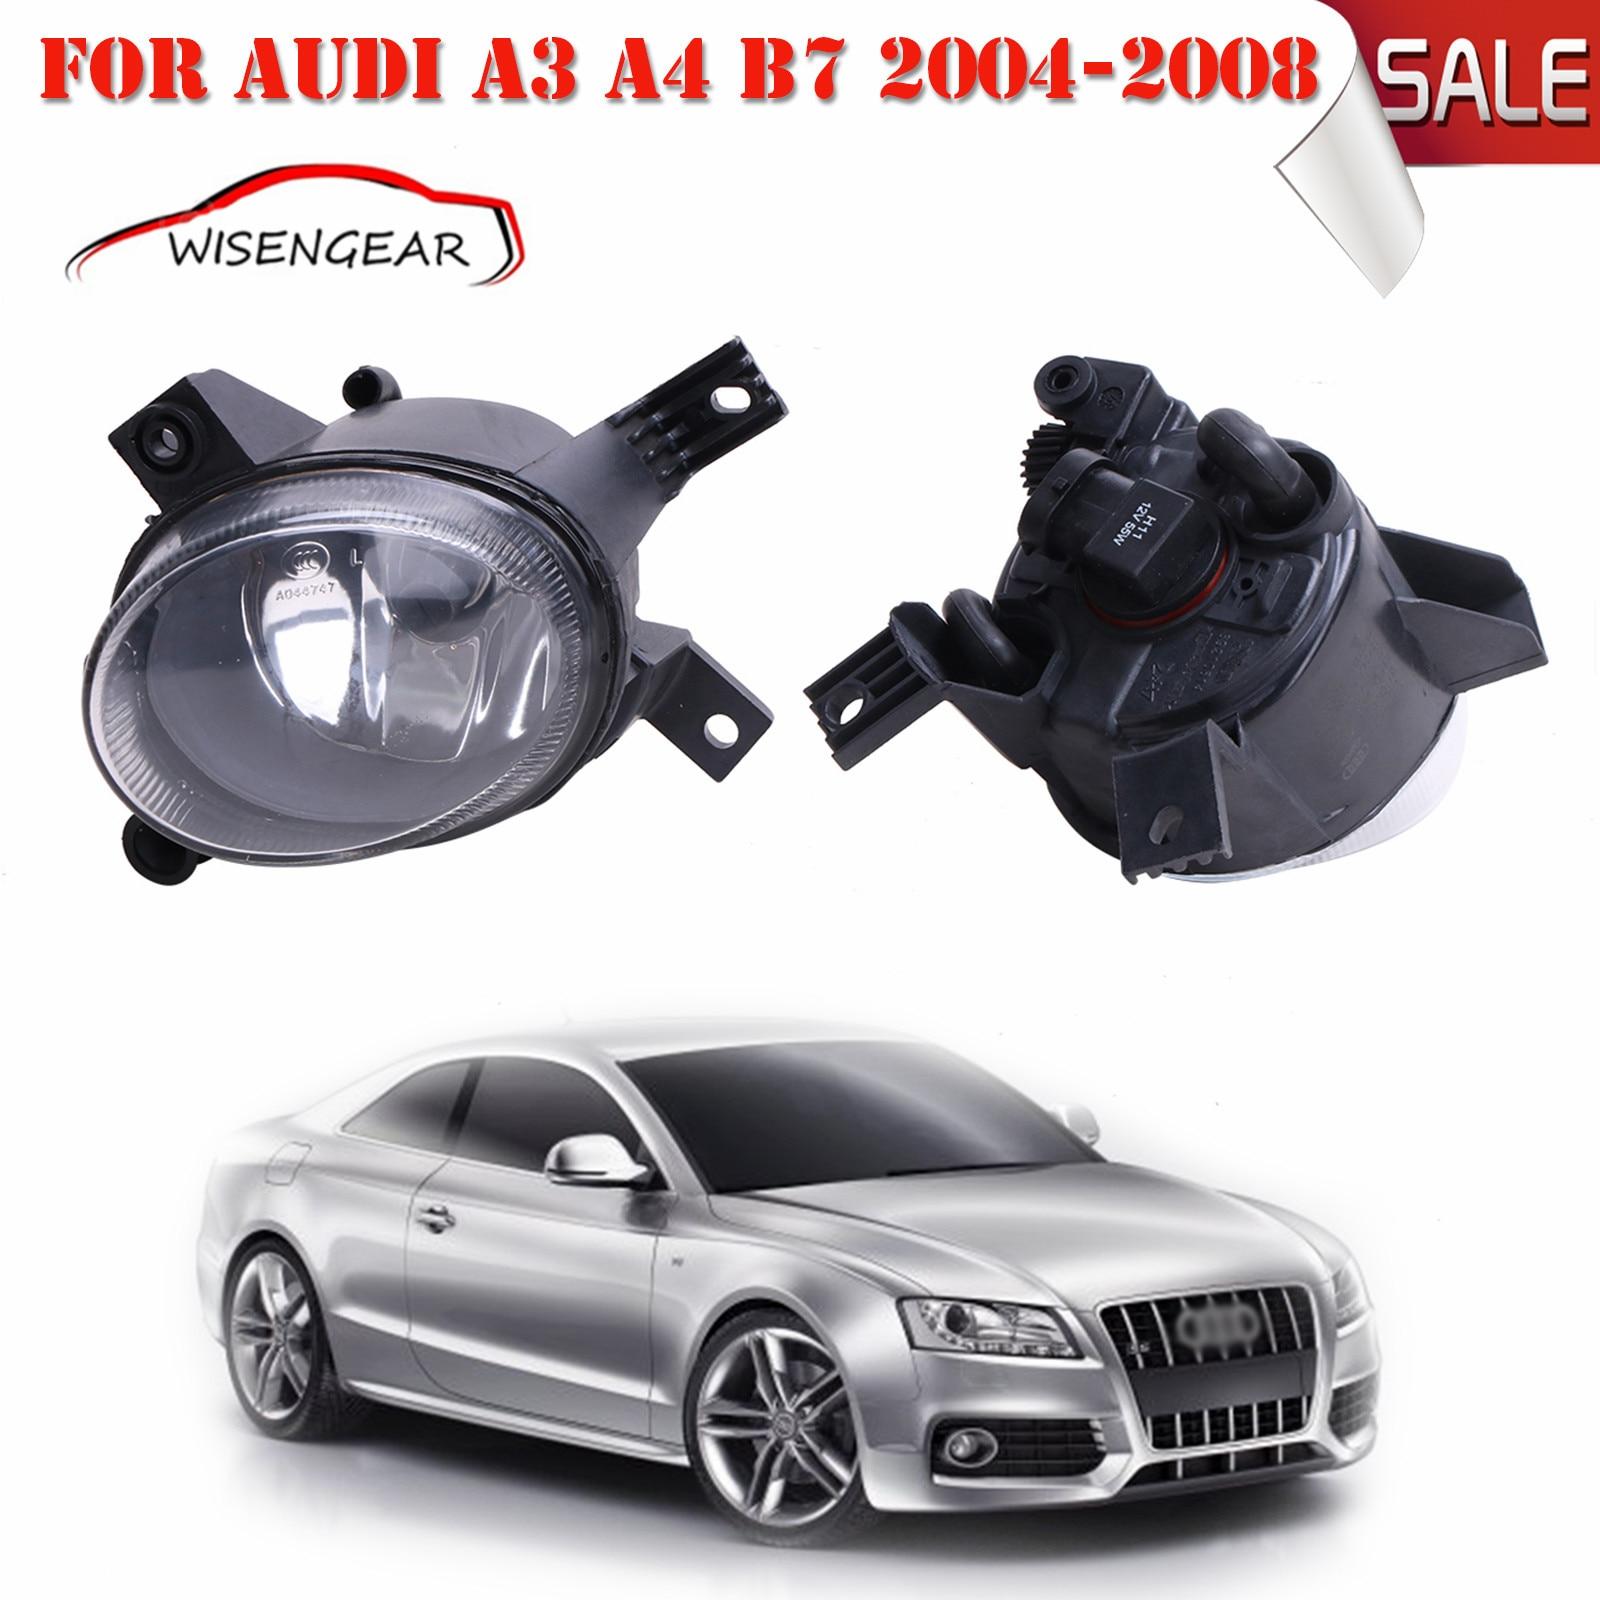 Car Light Front Fog Light Lamps Left & Right For Audi A3 A4 B7 2004-2008 OEM 8E0941700 + 8E0941699 C/5 right side front fog light headlight for audi a3 s3 s line a4 b7 2004 2005 2006 2007 2008 oem 8e0941700 car accessory p318 r